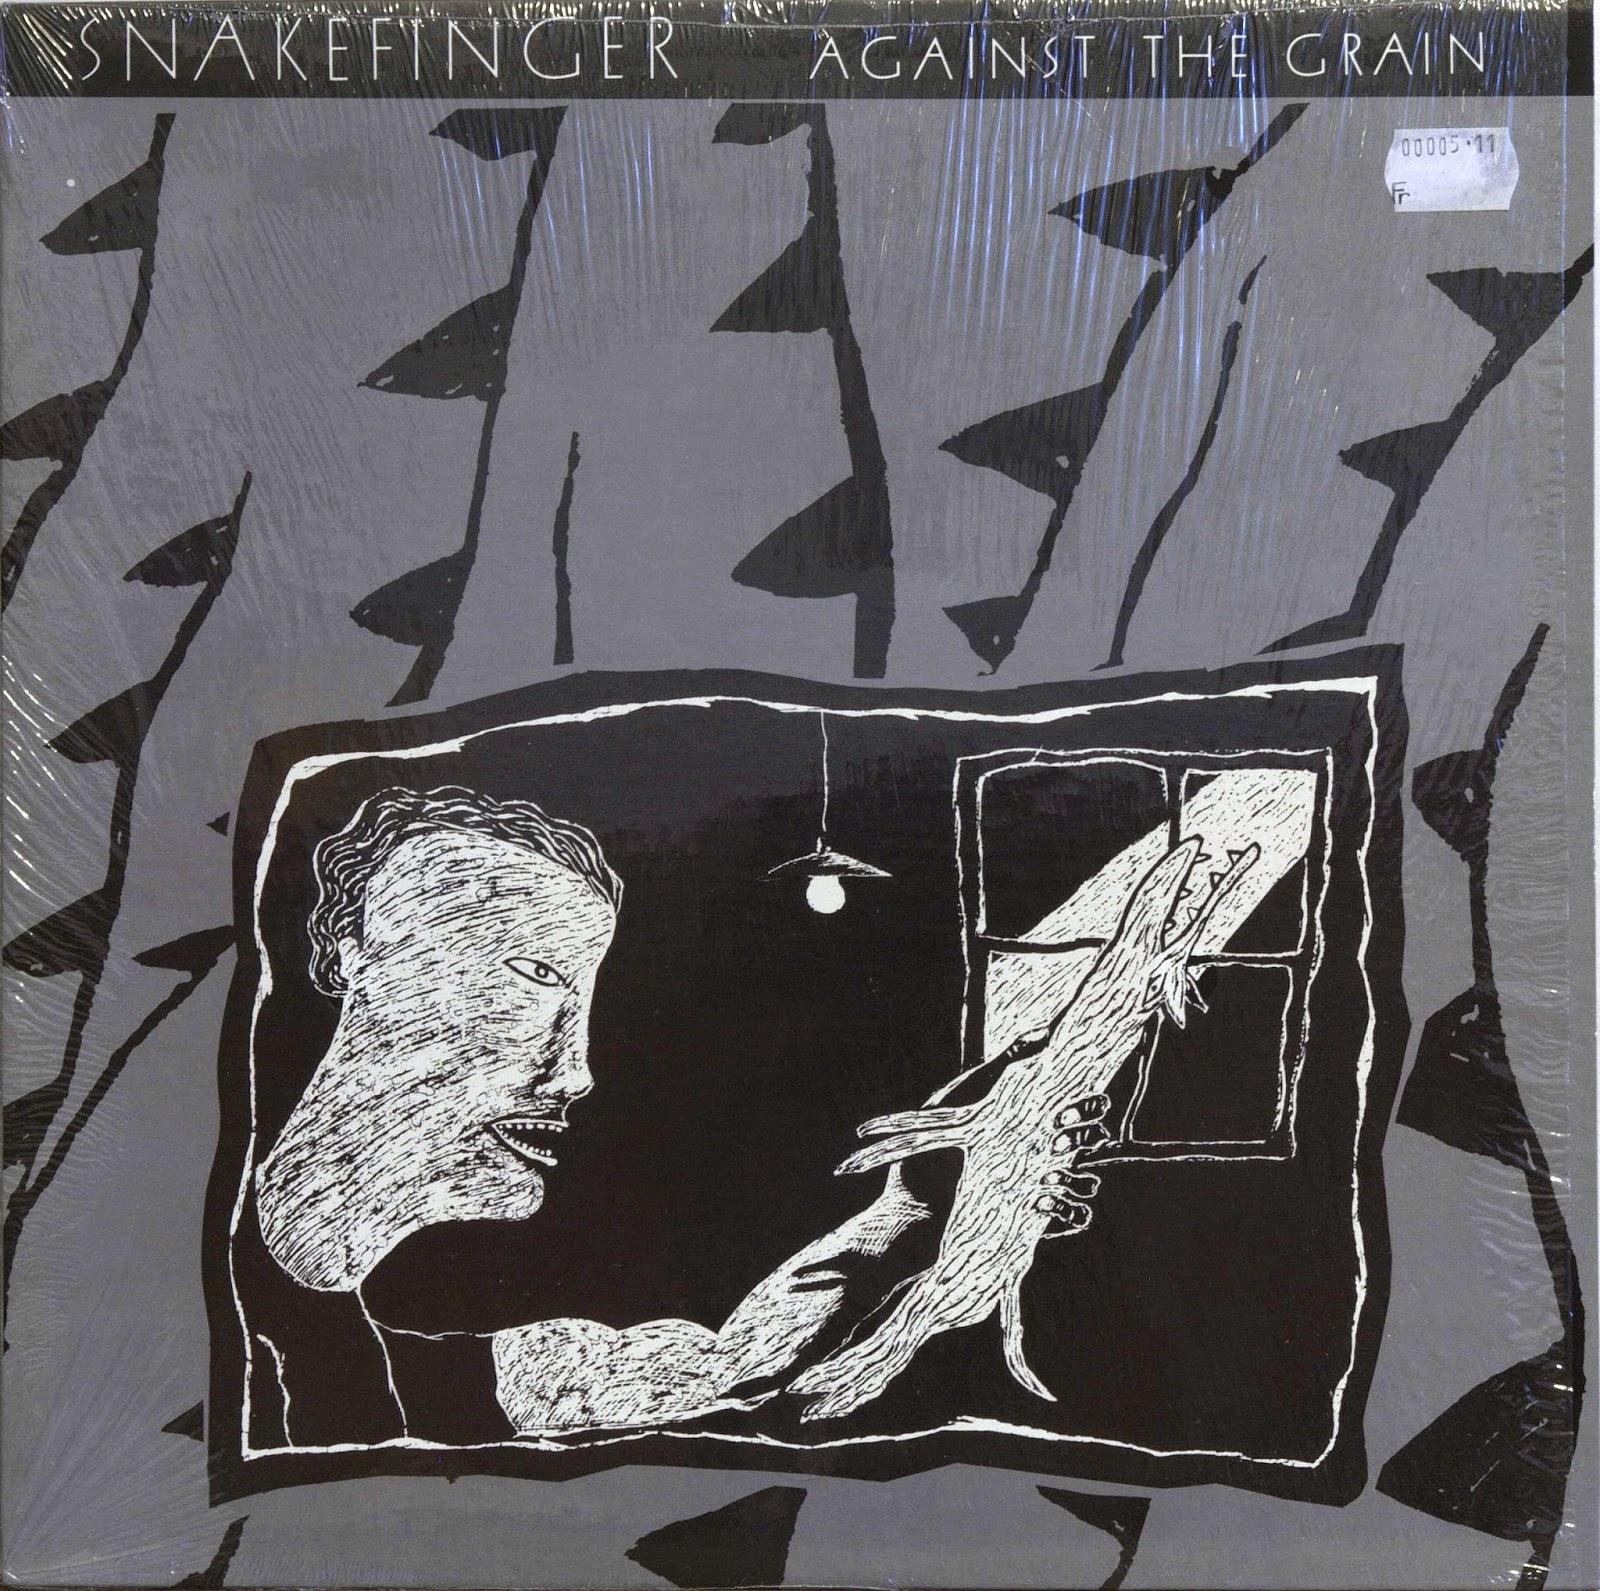 Snakefinger Against The Grain